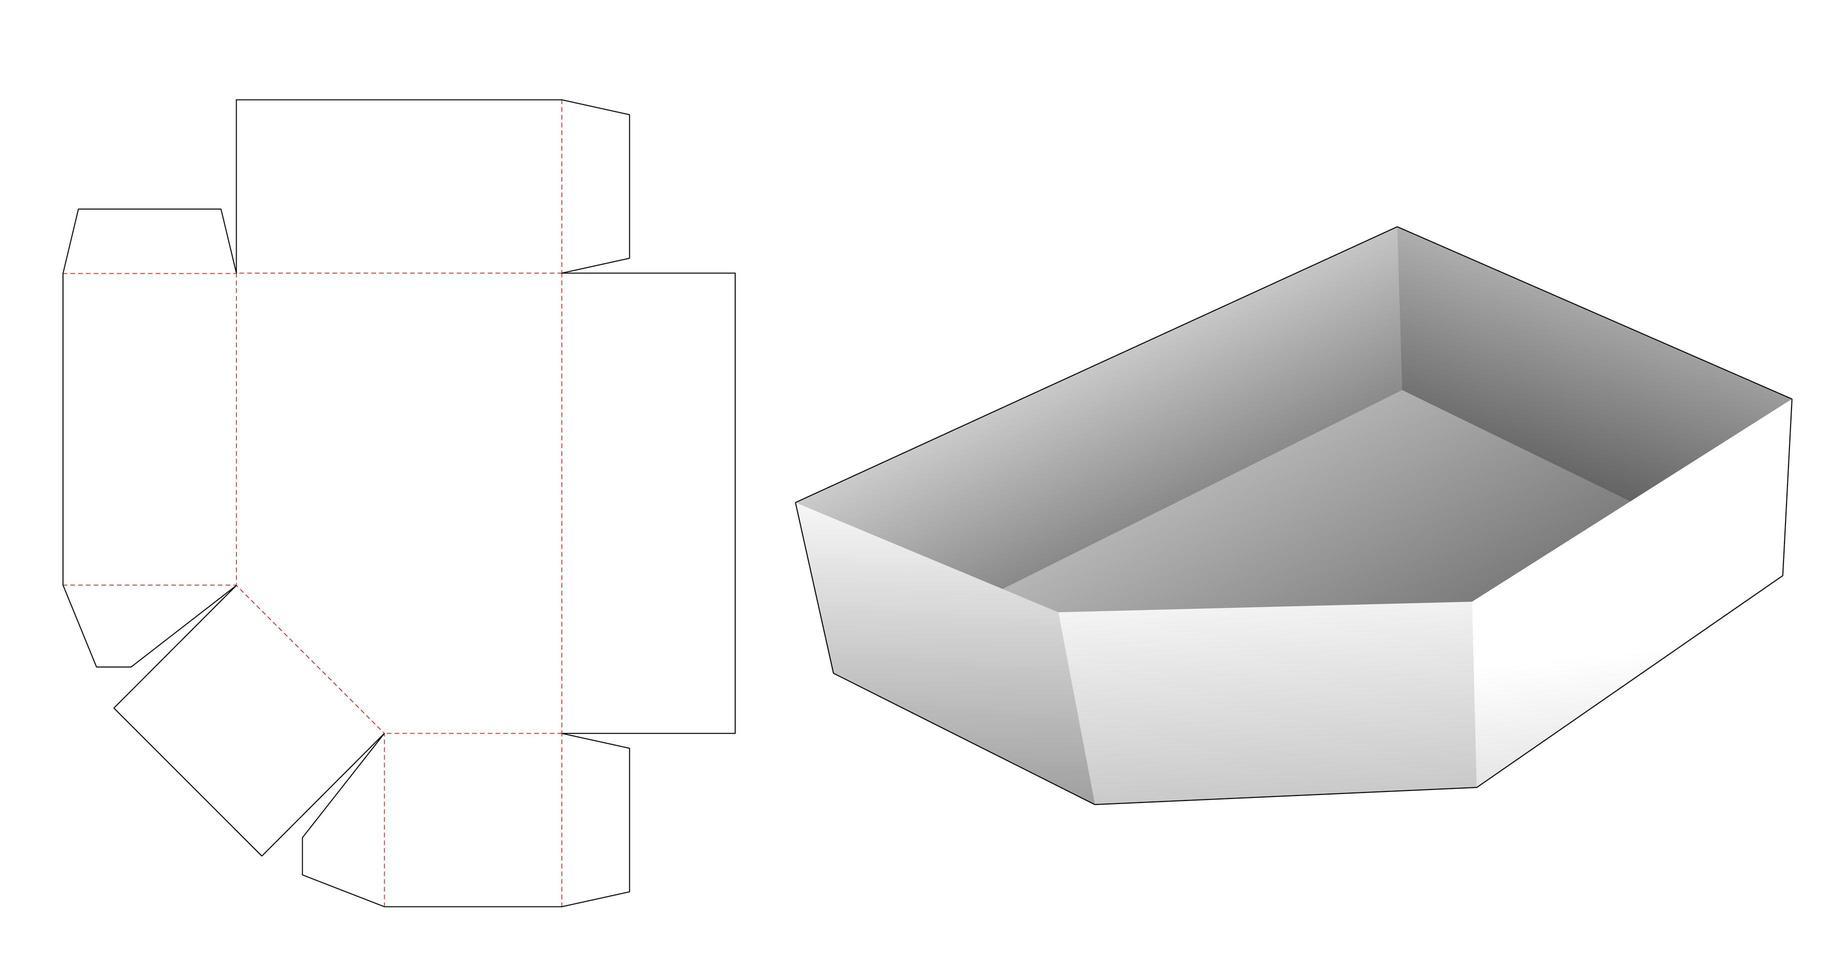 molde de bandeja chanfrada de papelão cortado vetor